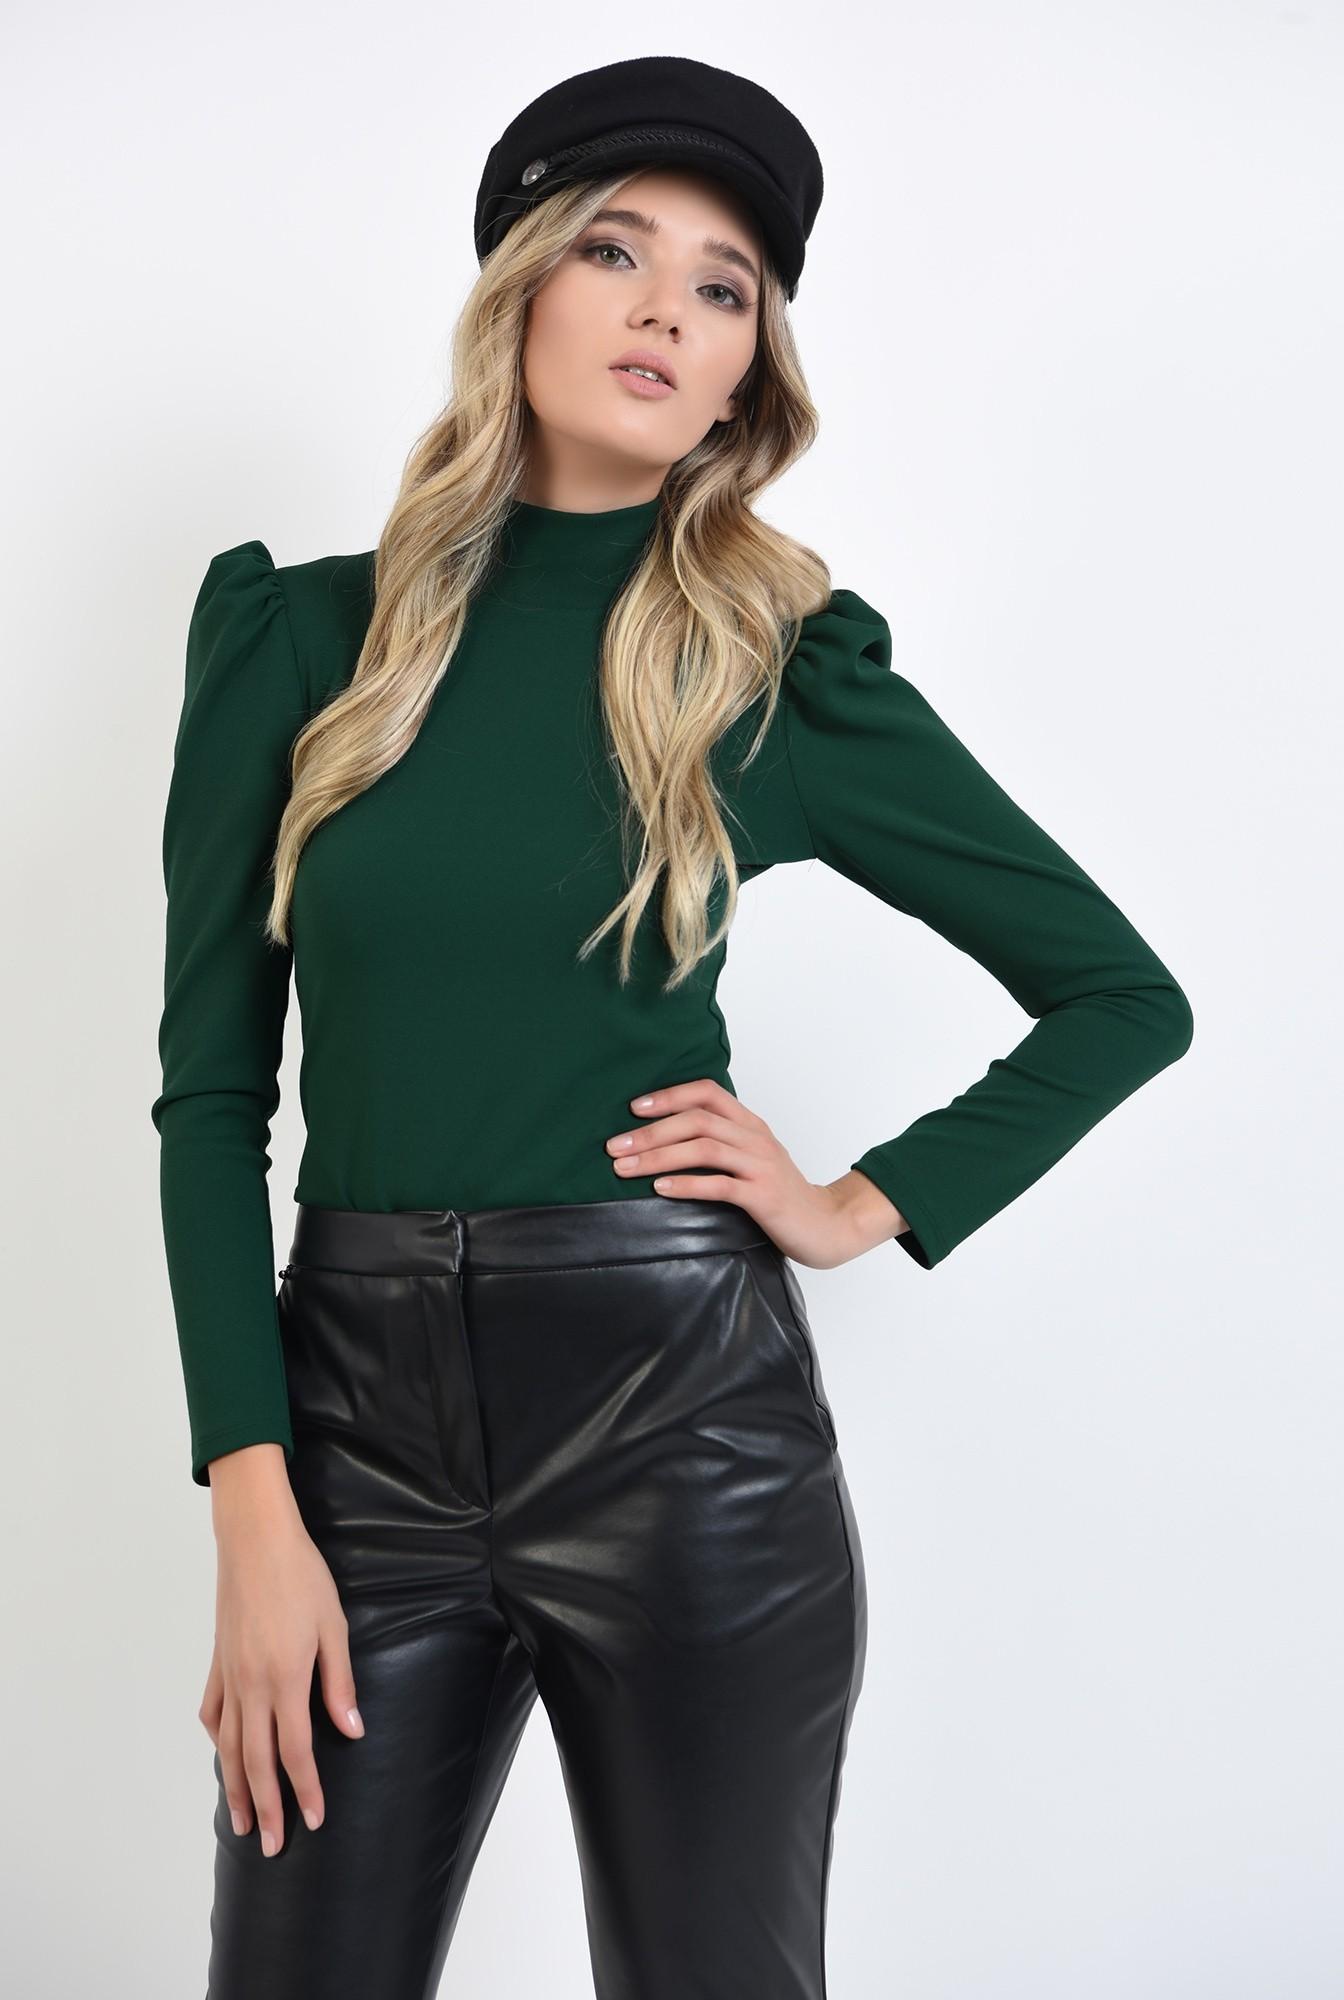 0 - bluza casual, verde, cu guler, Poema